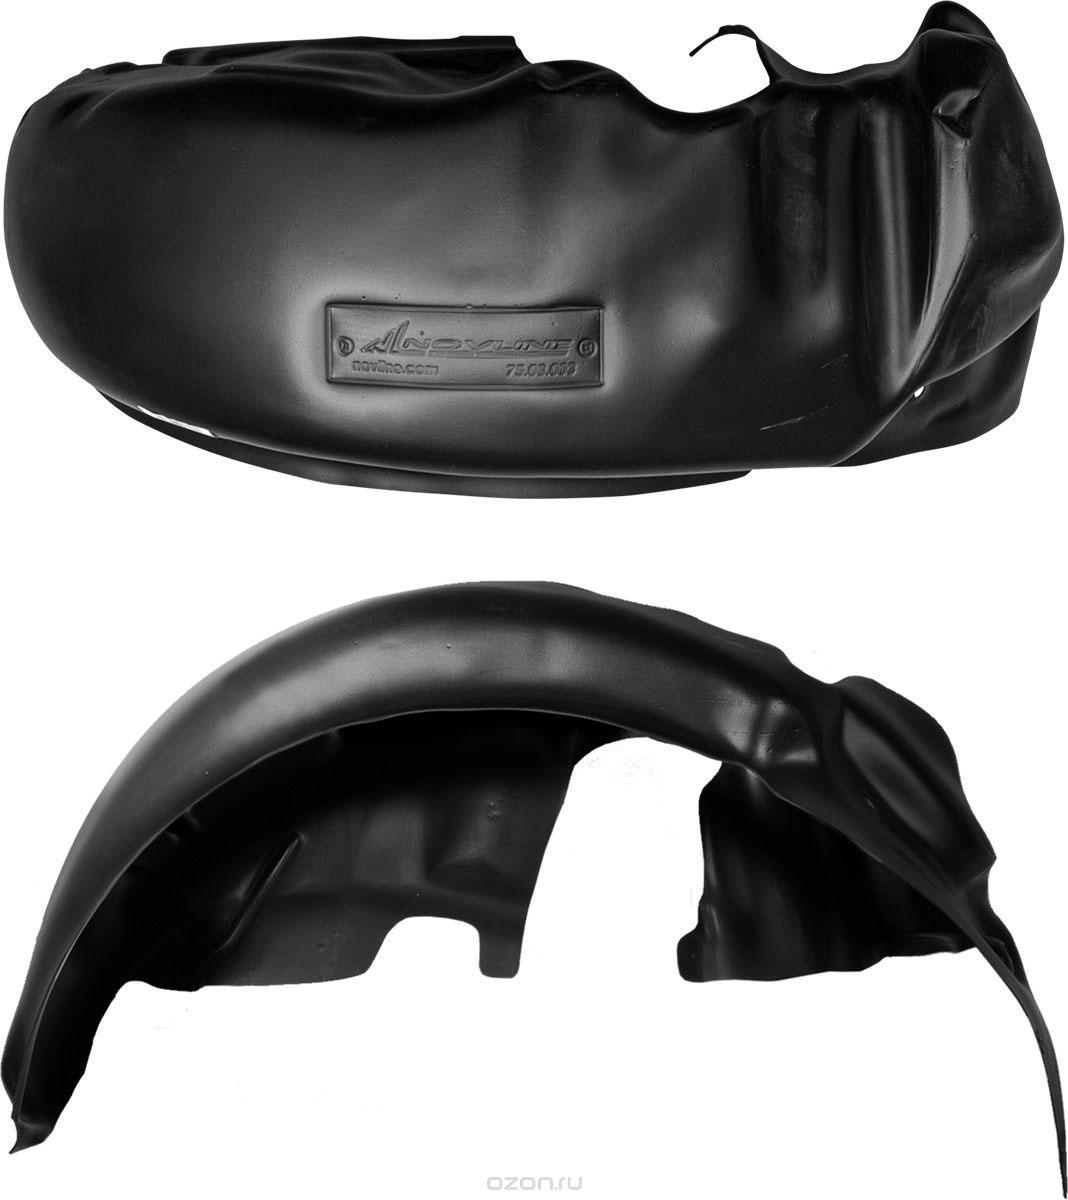 Подкрылок Novline-Autofamily, для PEUGEOT 4007 2007-2012, задний левыйSVC-300Идеальная защита колесной ниши. Локеры разработаны с применением цифровых технологий, гарантируют максимальную повторяемость поверхности арки. Изделия устанавливаются без нарушения лакокрасочного покрытия автомобиля, каждый подкрылок комплектуется крепежом. Уважаемые клиенты, обращаем ваше внимание, что фотографии на подкрылки универсальные и не отражают реальную форму изделия. При этом само изделие идет точно под размер указанного автомобиля.